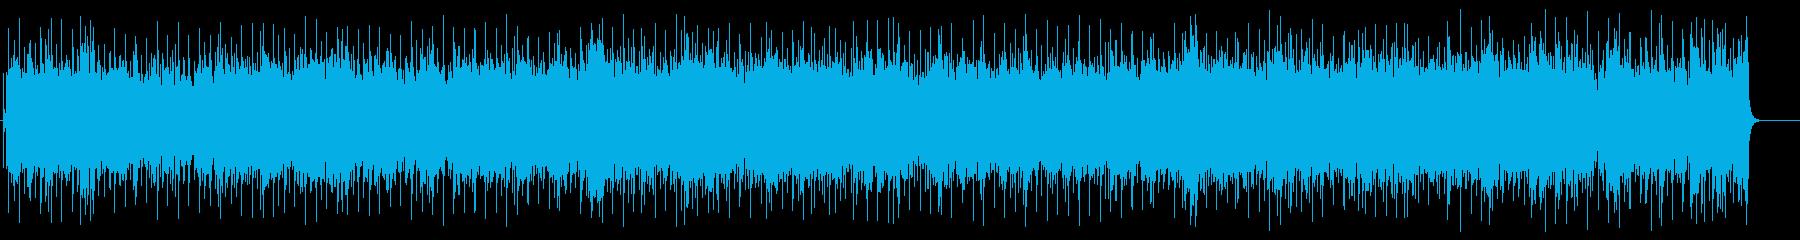 感動の終わりを迎える楽曲(フルサイズ)の再生済みの波形